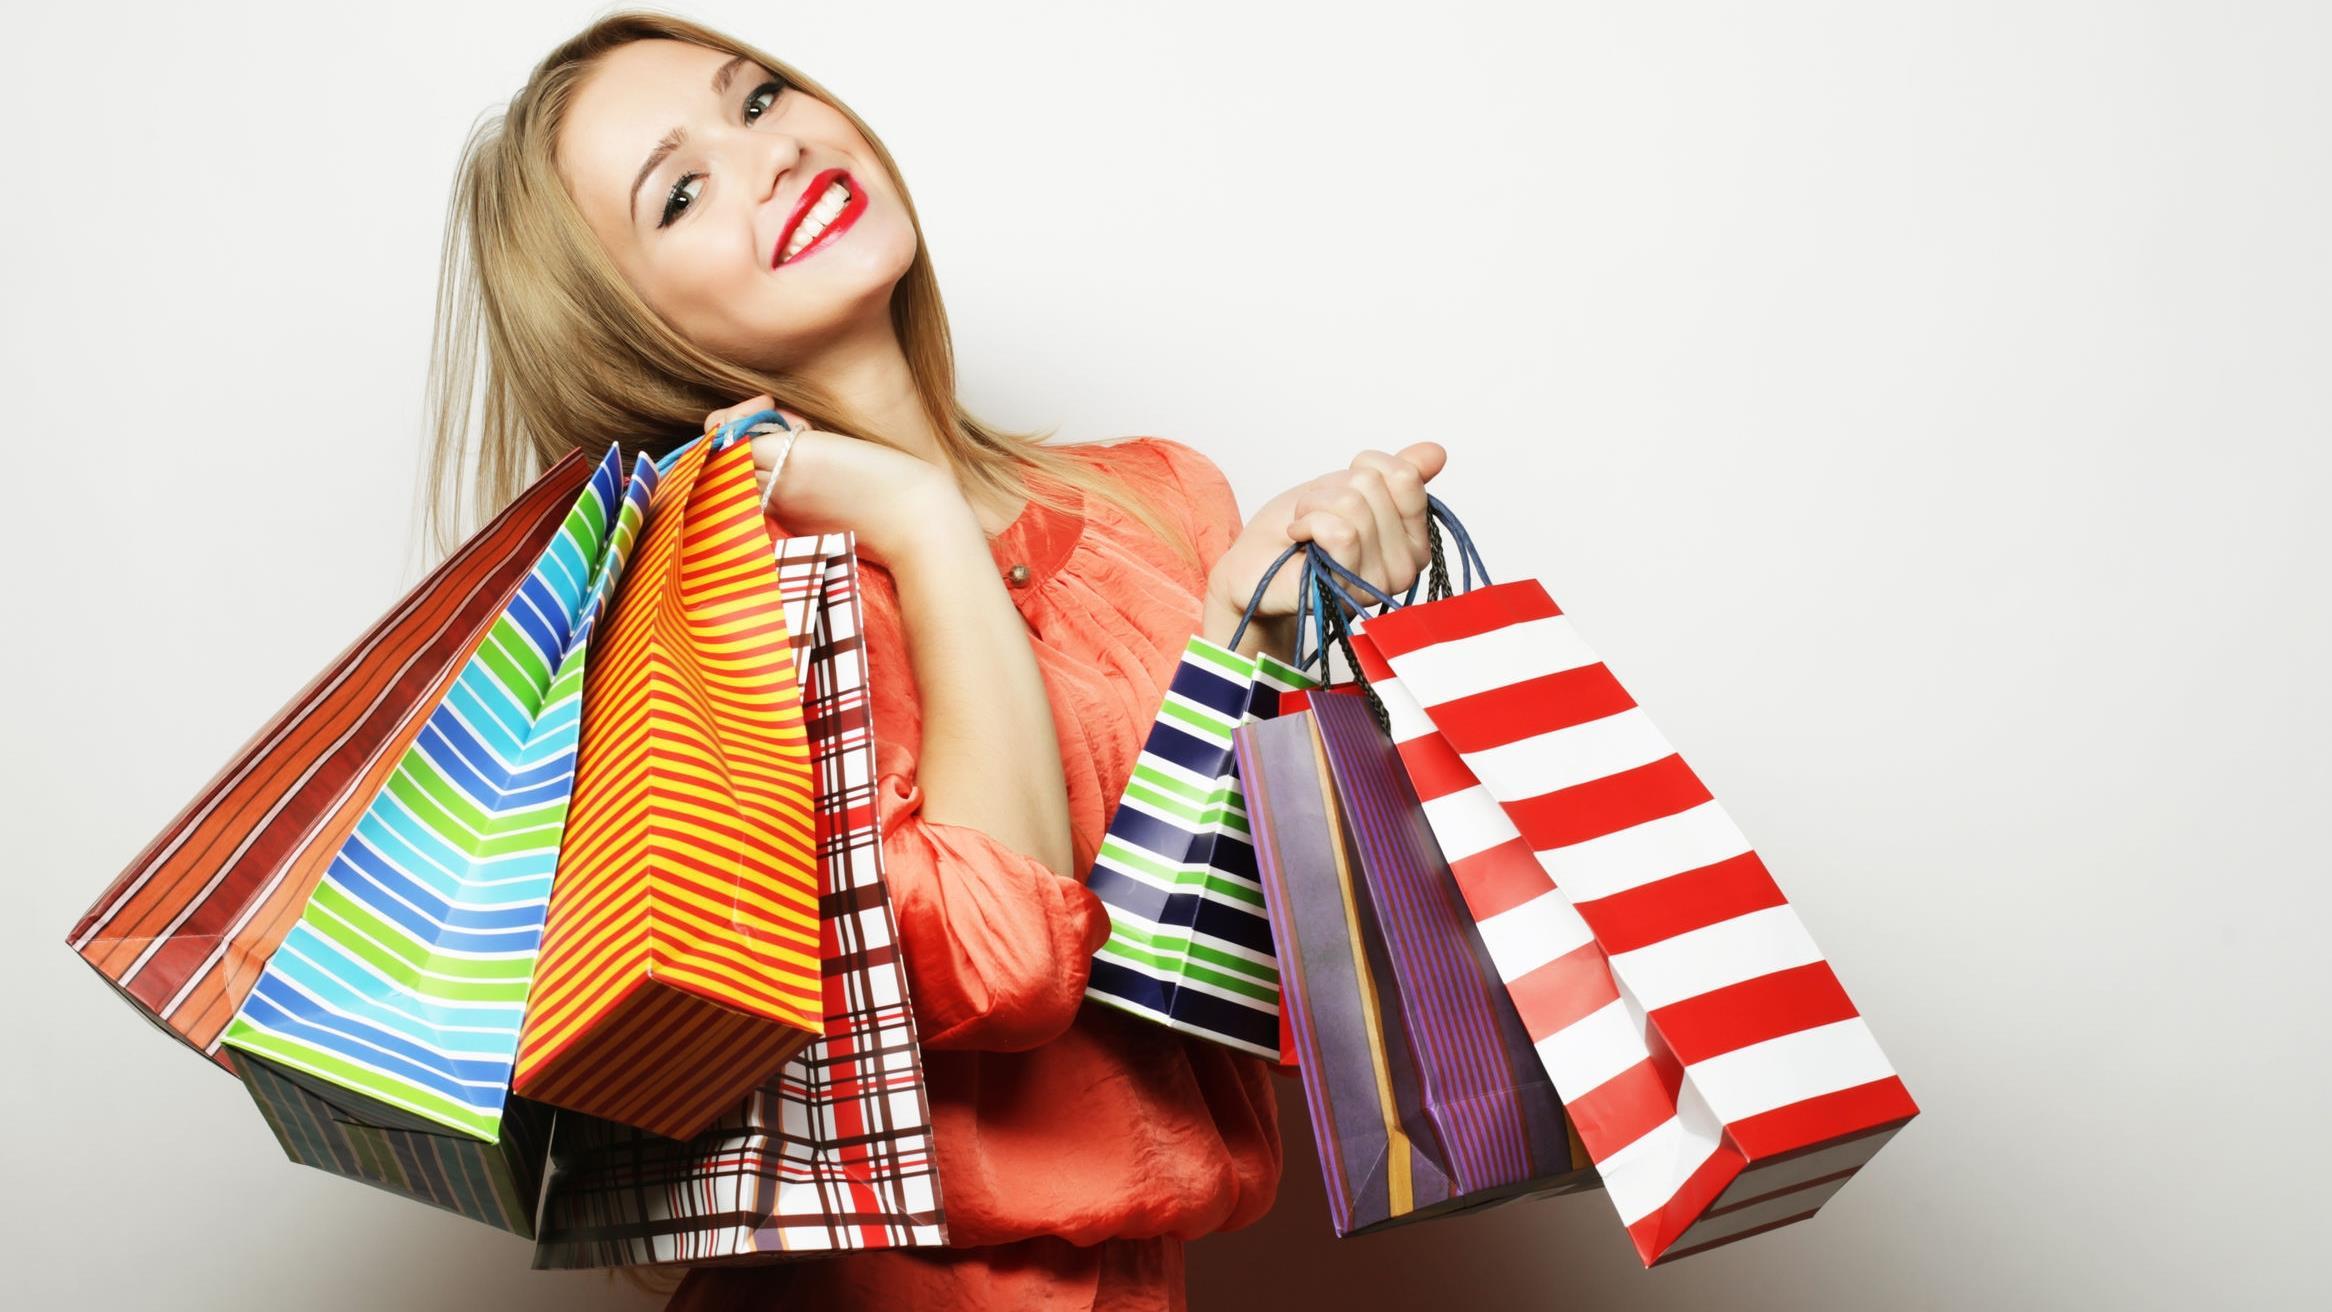 Обязан ли покупатель вернуть подарок к товару при сдаче основого